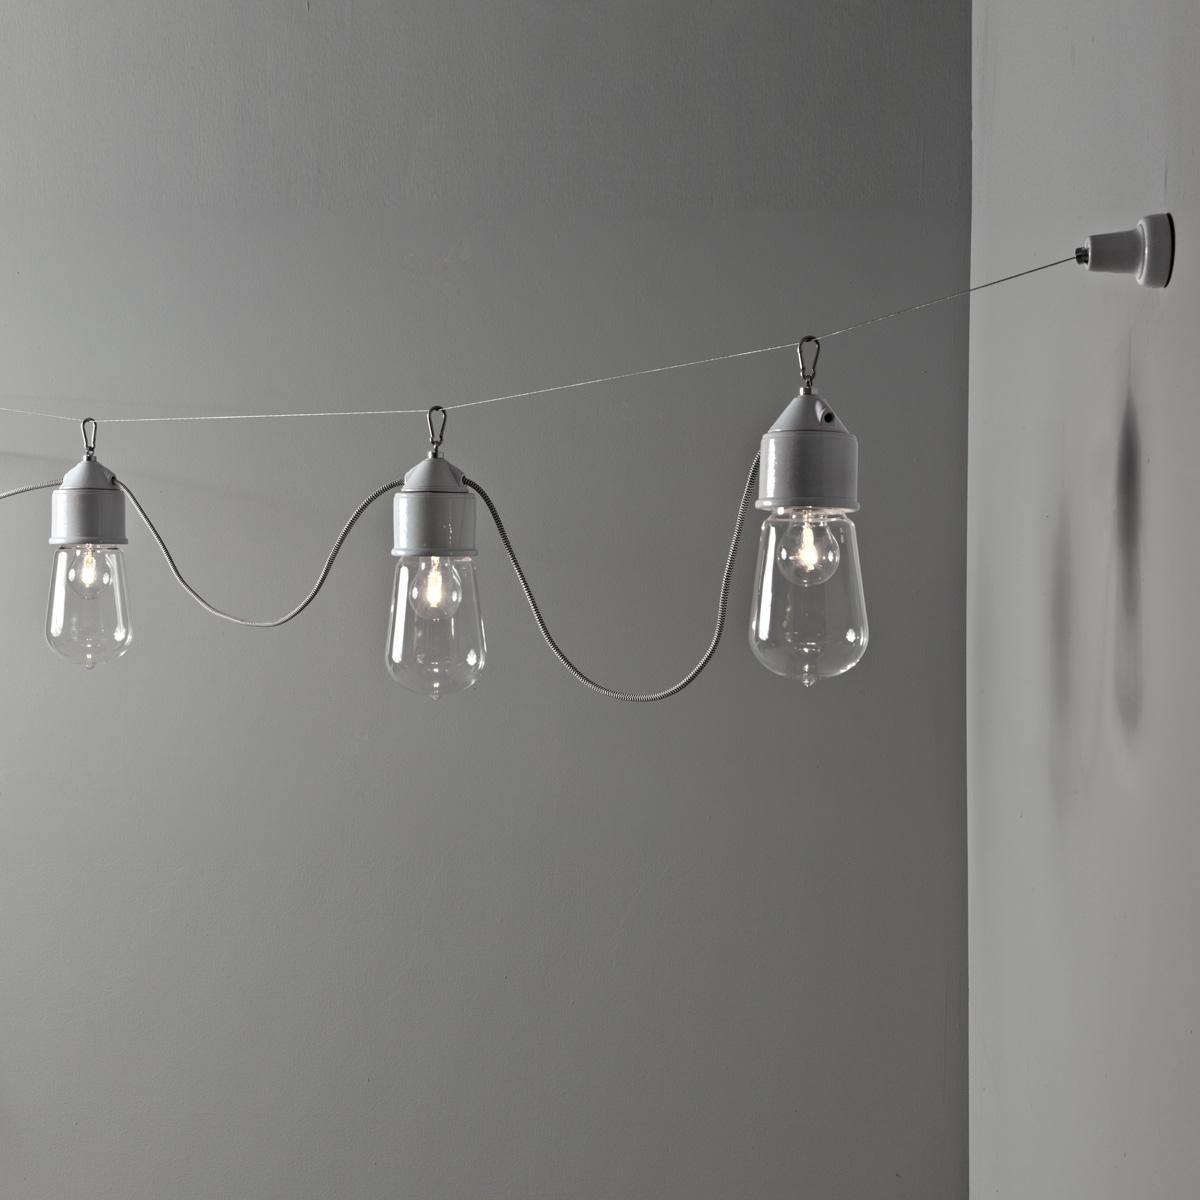 suspension plusieurs ampoules suspension ampoule multiple solitario de style industriel. Black Bedroom Furniture Sets. Home Design Ideas